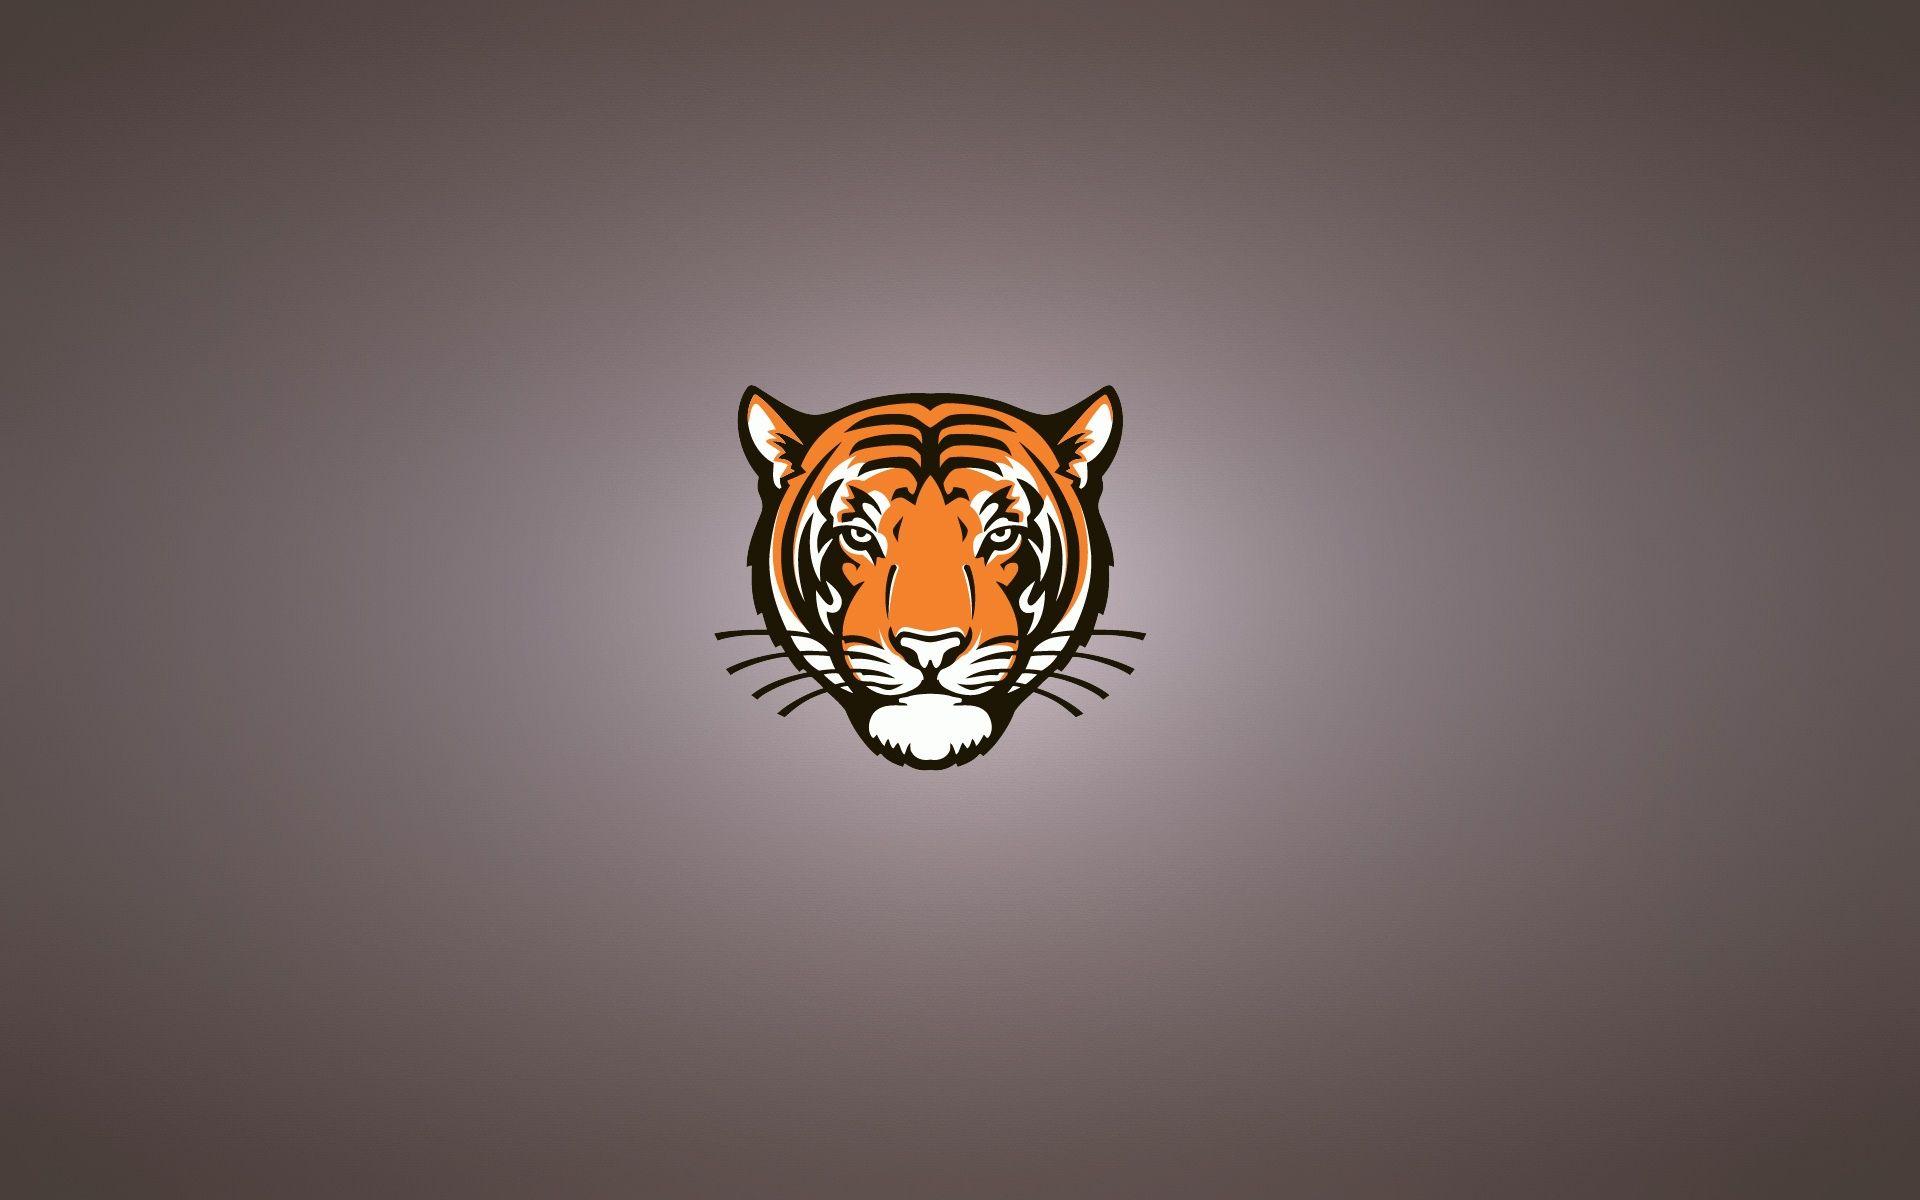 Tiger Art Minimalist, Full HD Wallpaper